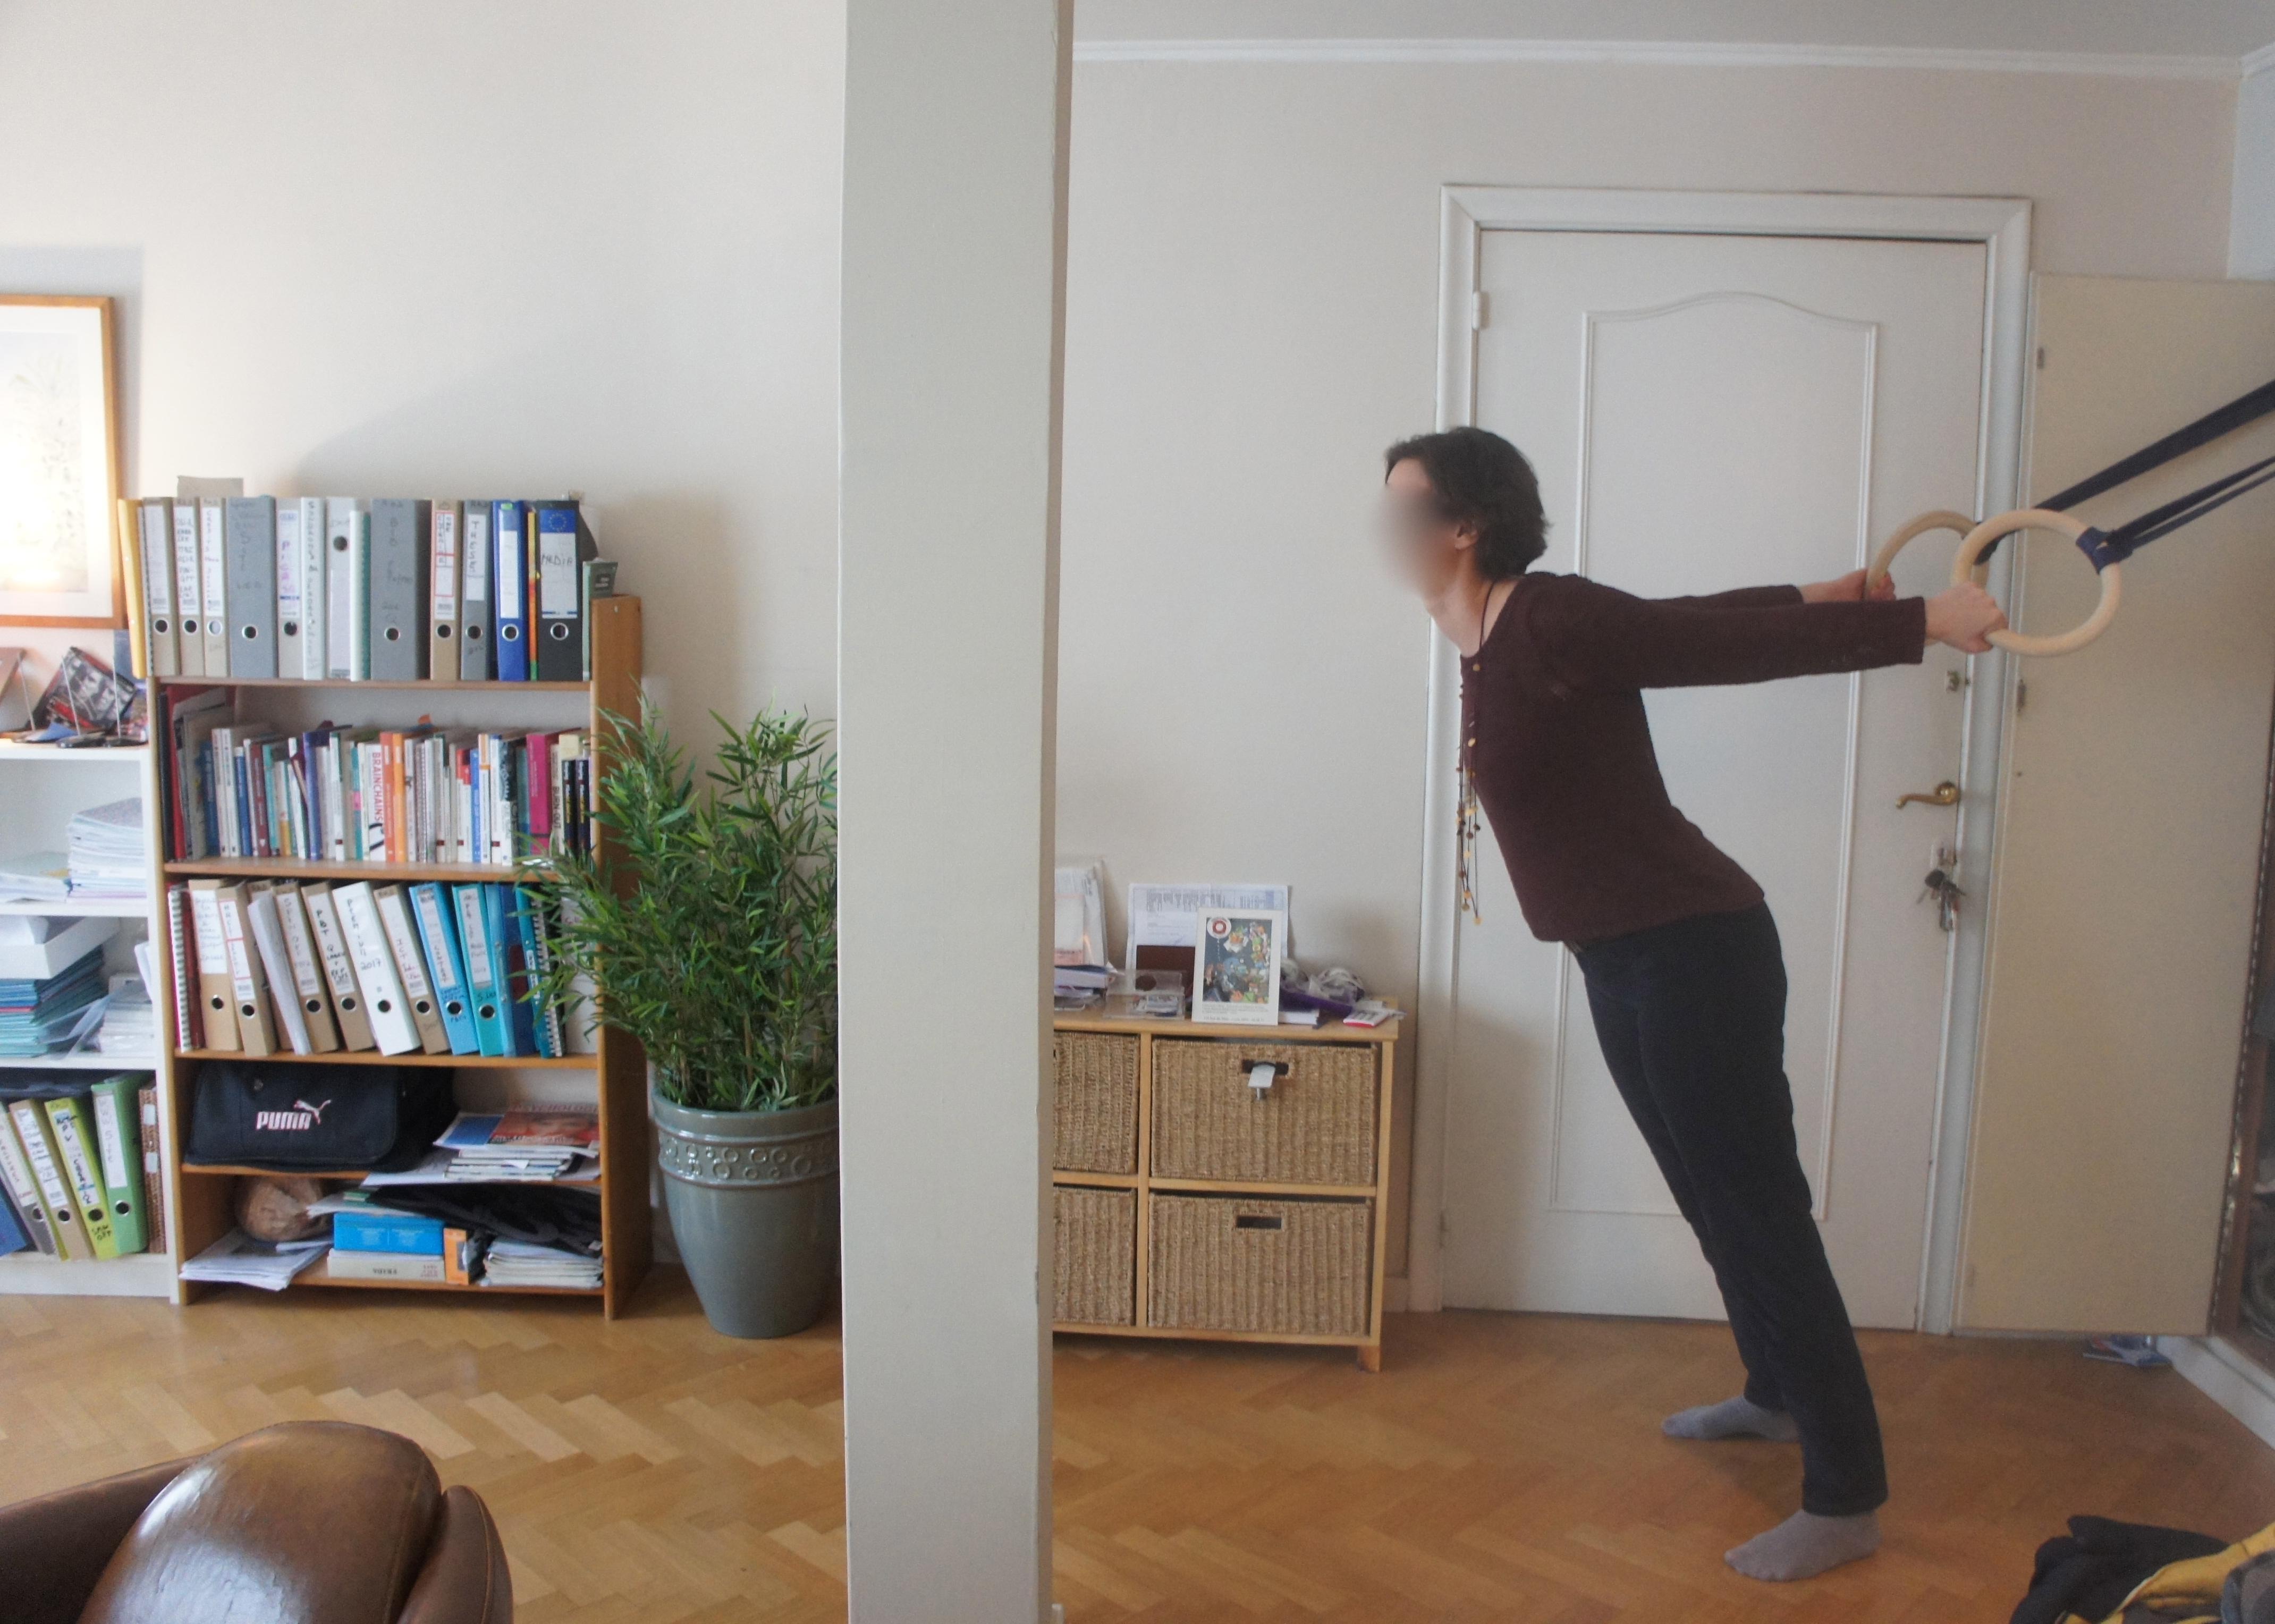 Le plaisir du stretching cognitif et physique KD. Le bien être du laché prise.